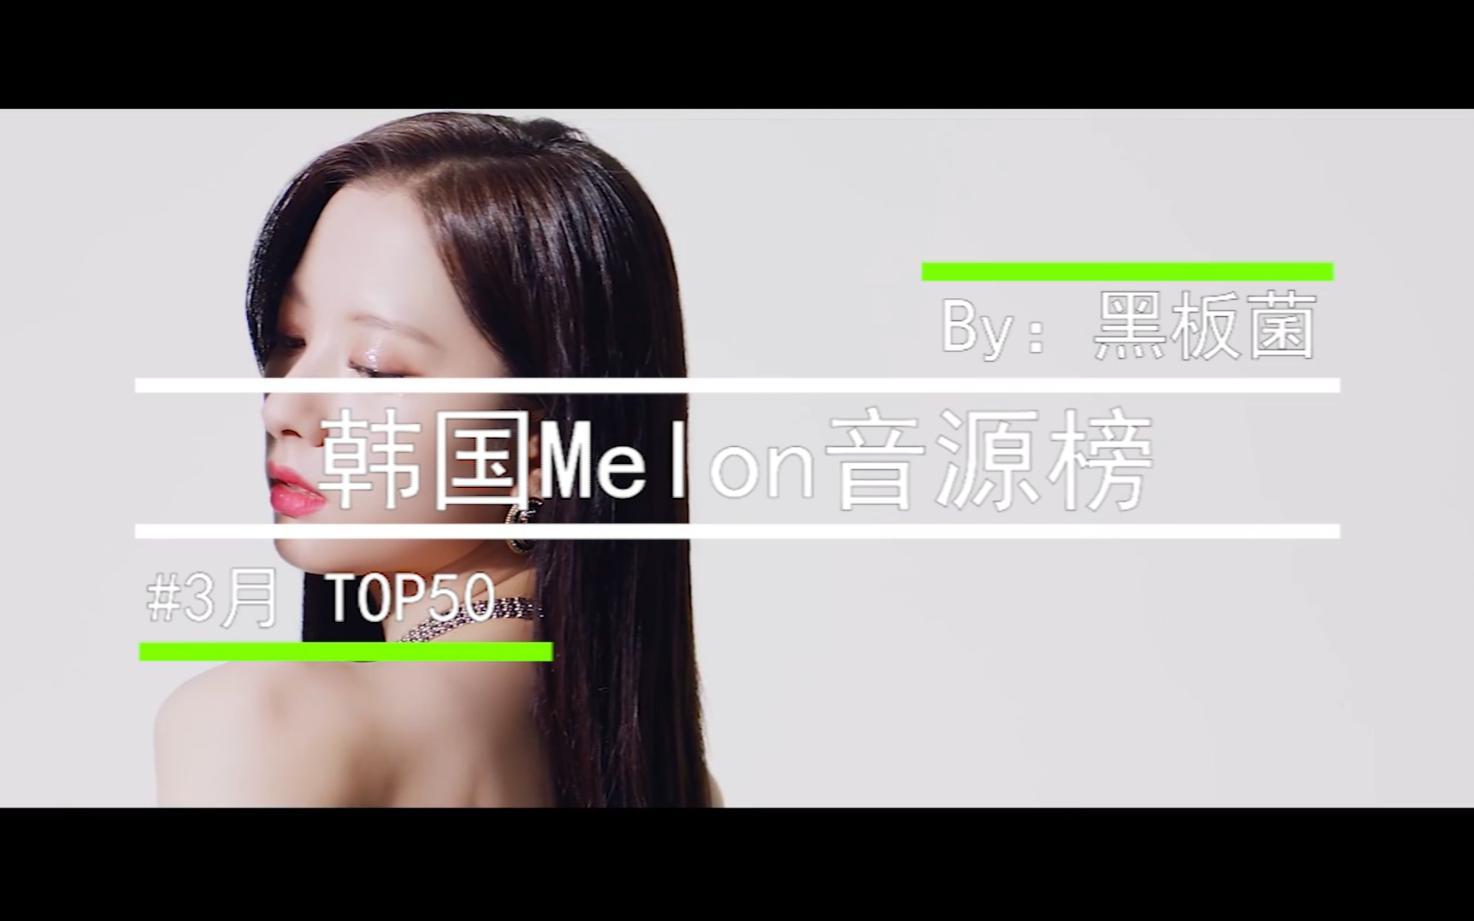 【本月最好听】2021年韩国Melon音源排行榜3月榜:勇女登顶月榜!